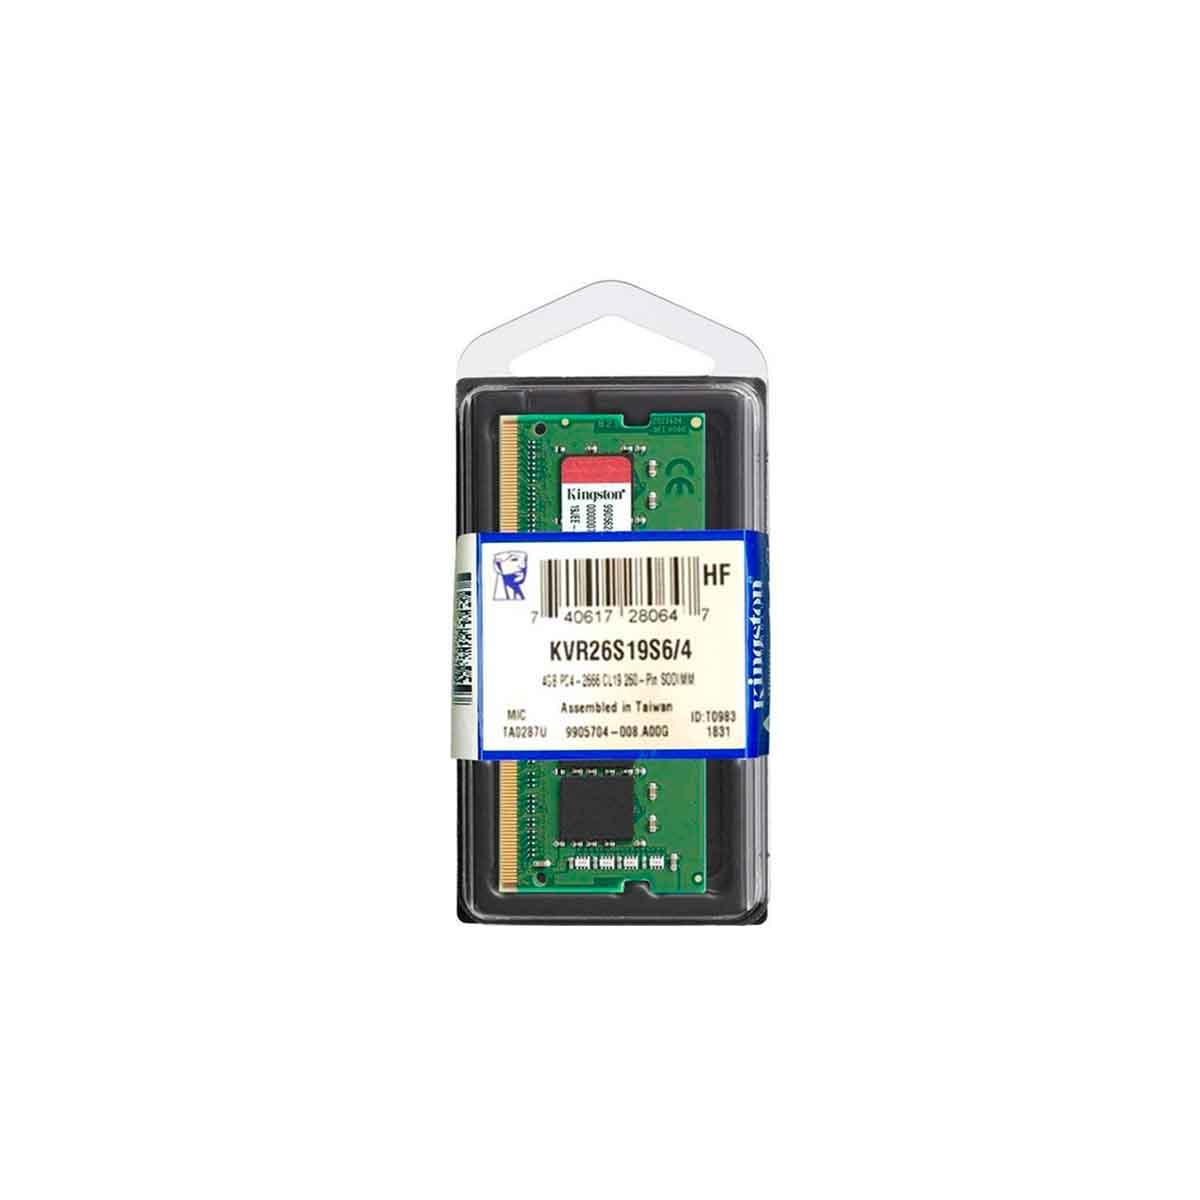 MEMORIA KINGSTON 4GB DDR4 2666 MHz SODIMM LAPTOPS KVR26S19S6/4